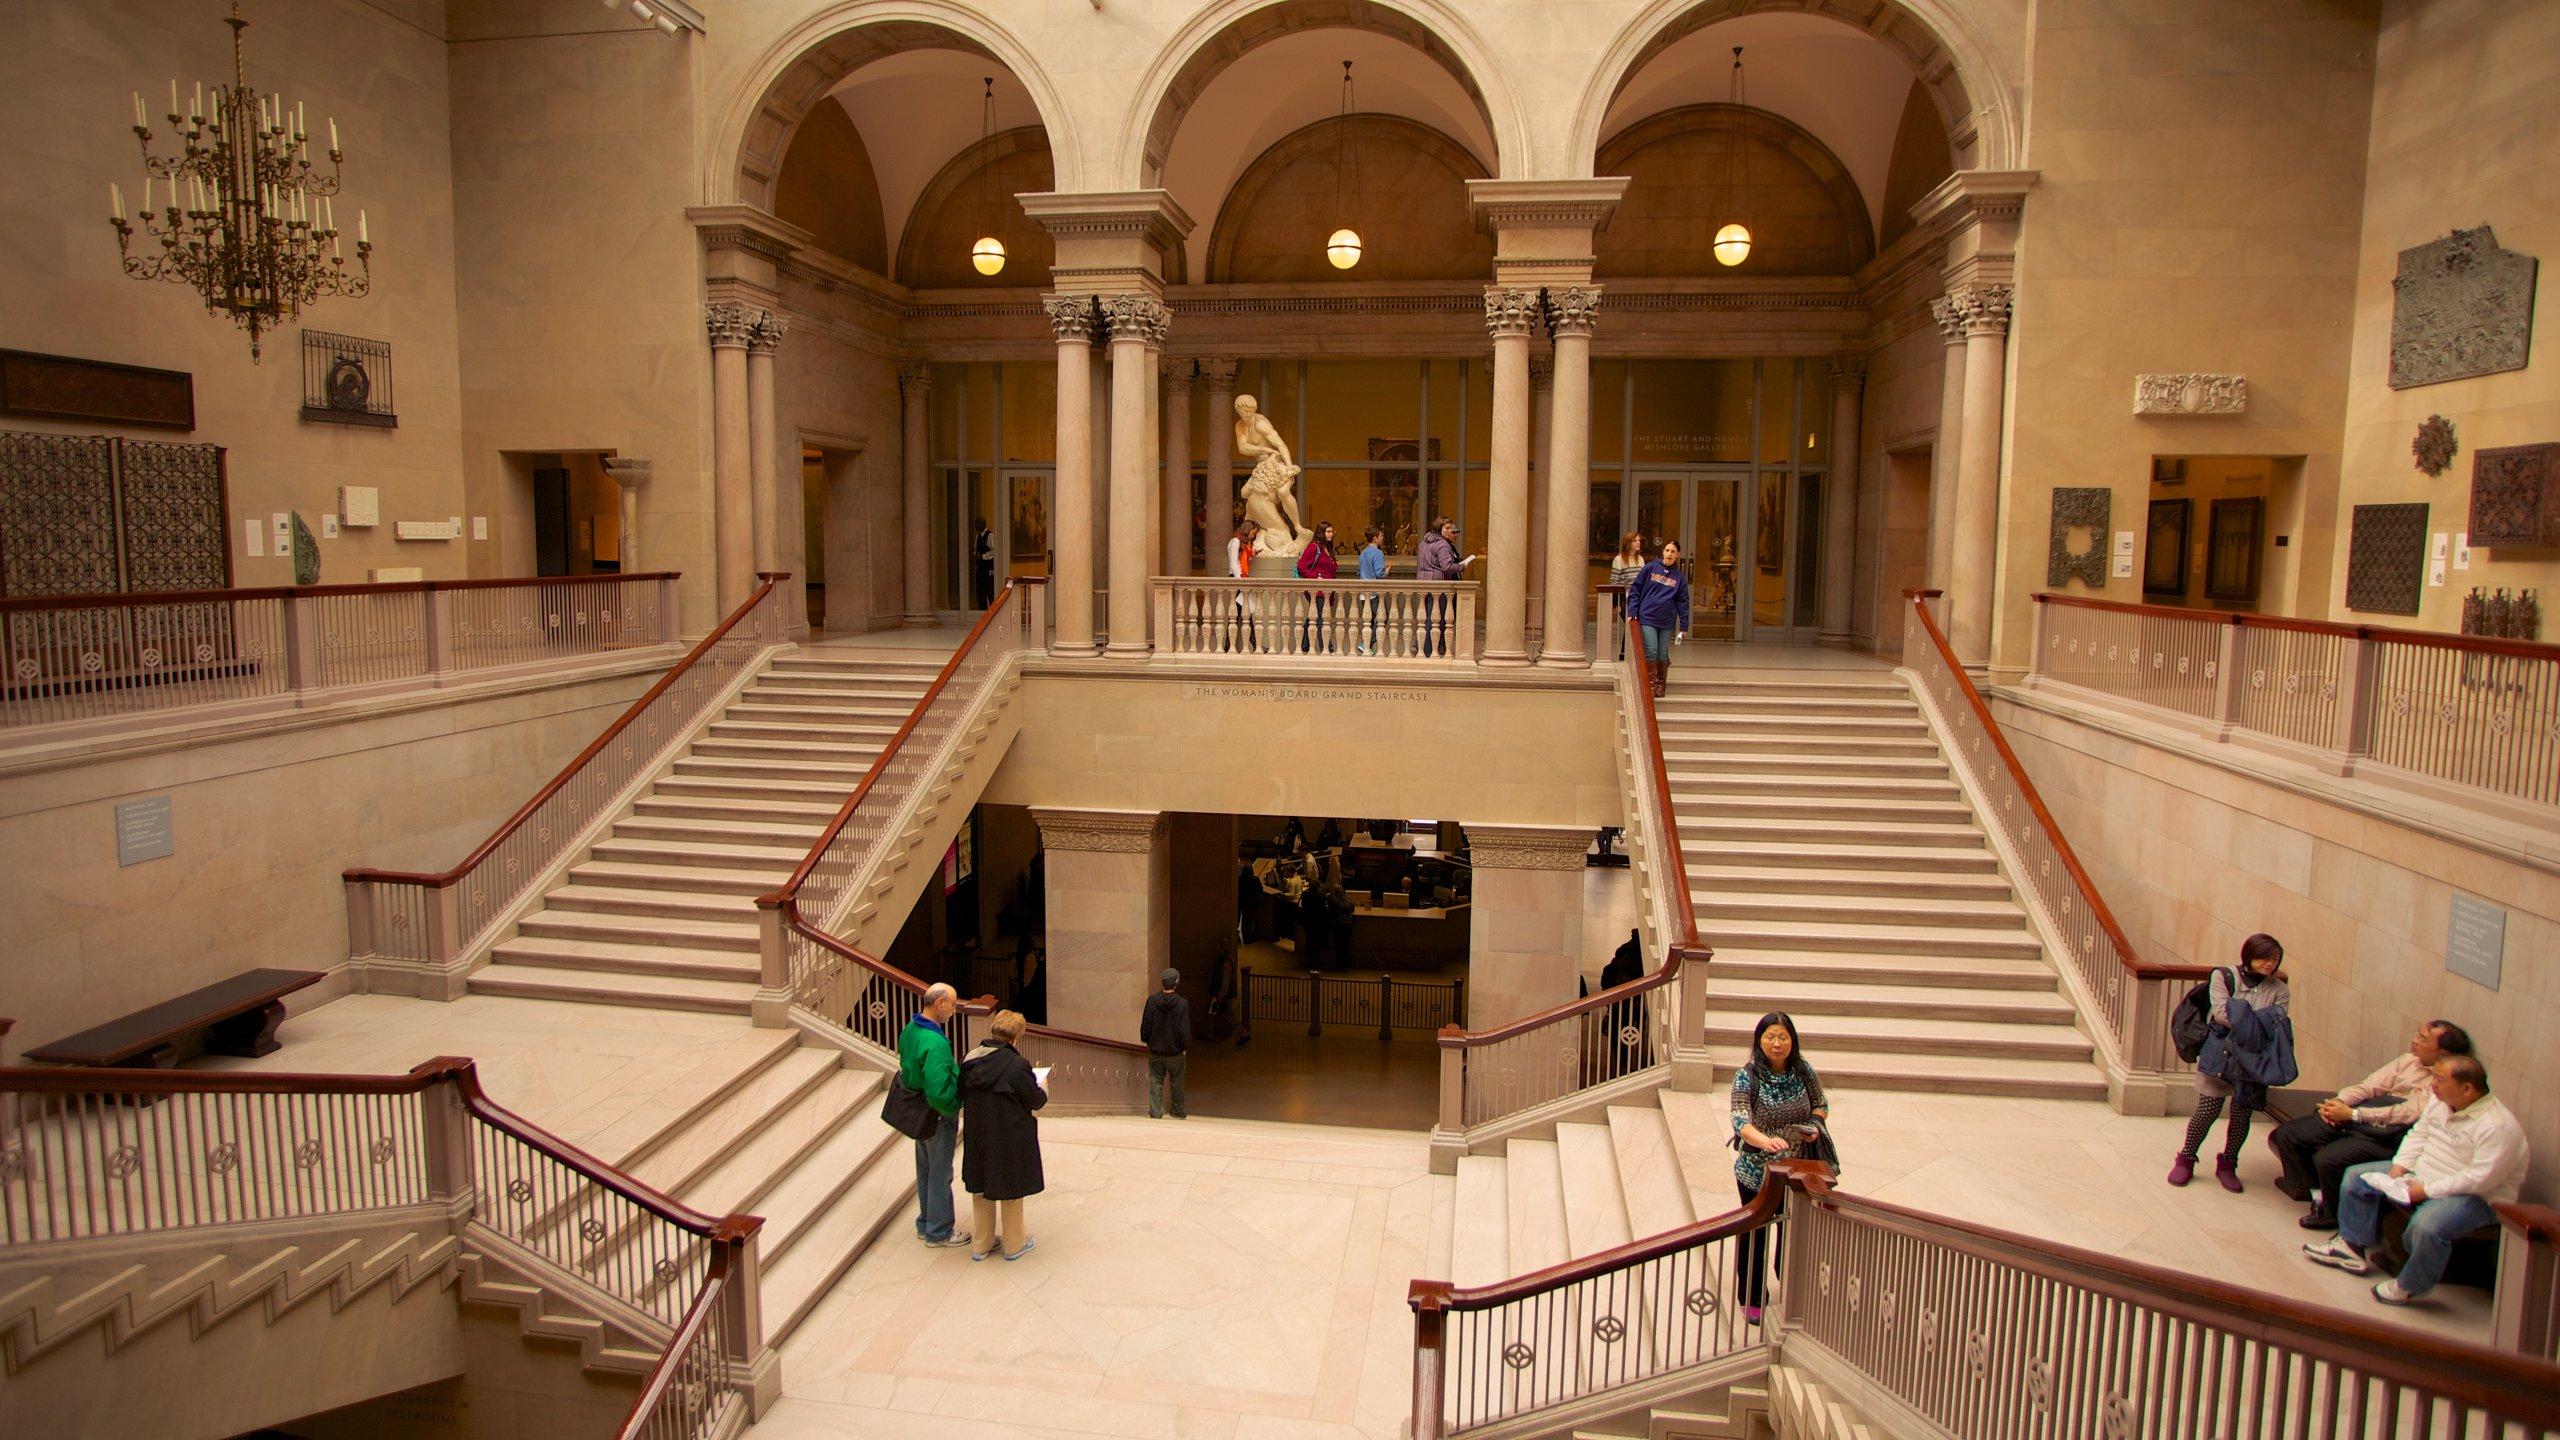 Art Institute of Chicago, Chicago, Illinois, Stati Uniti d'America